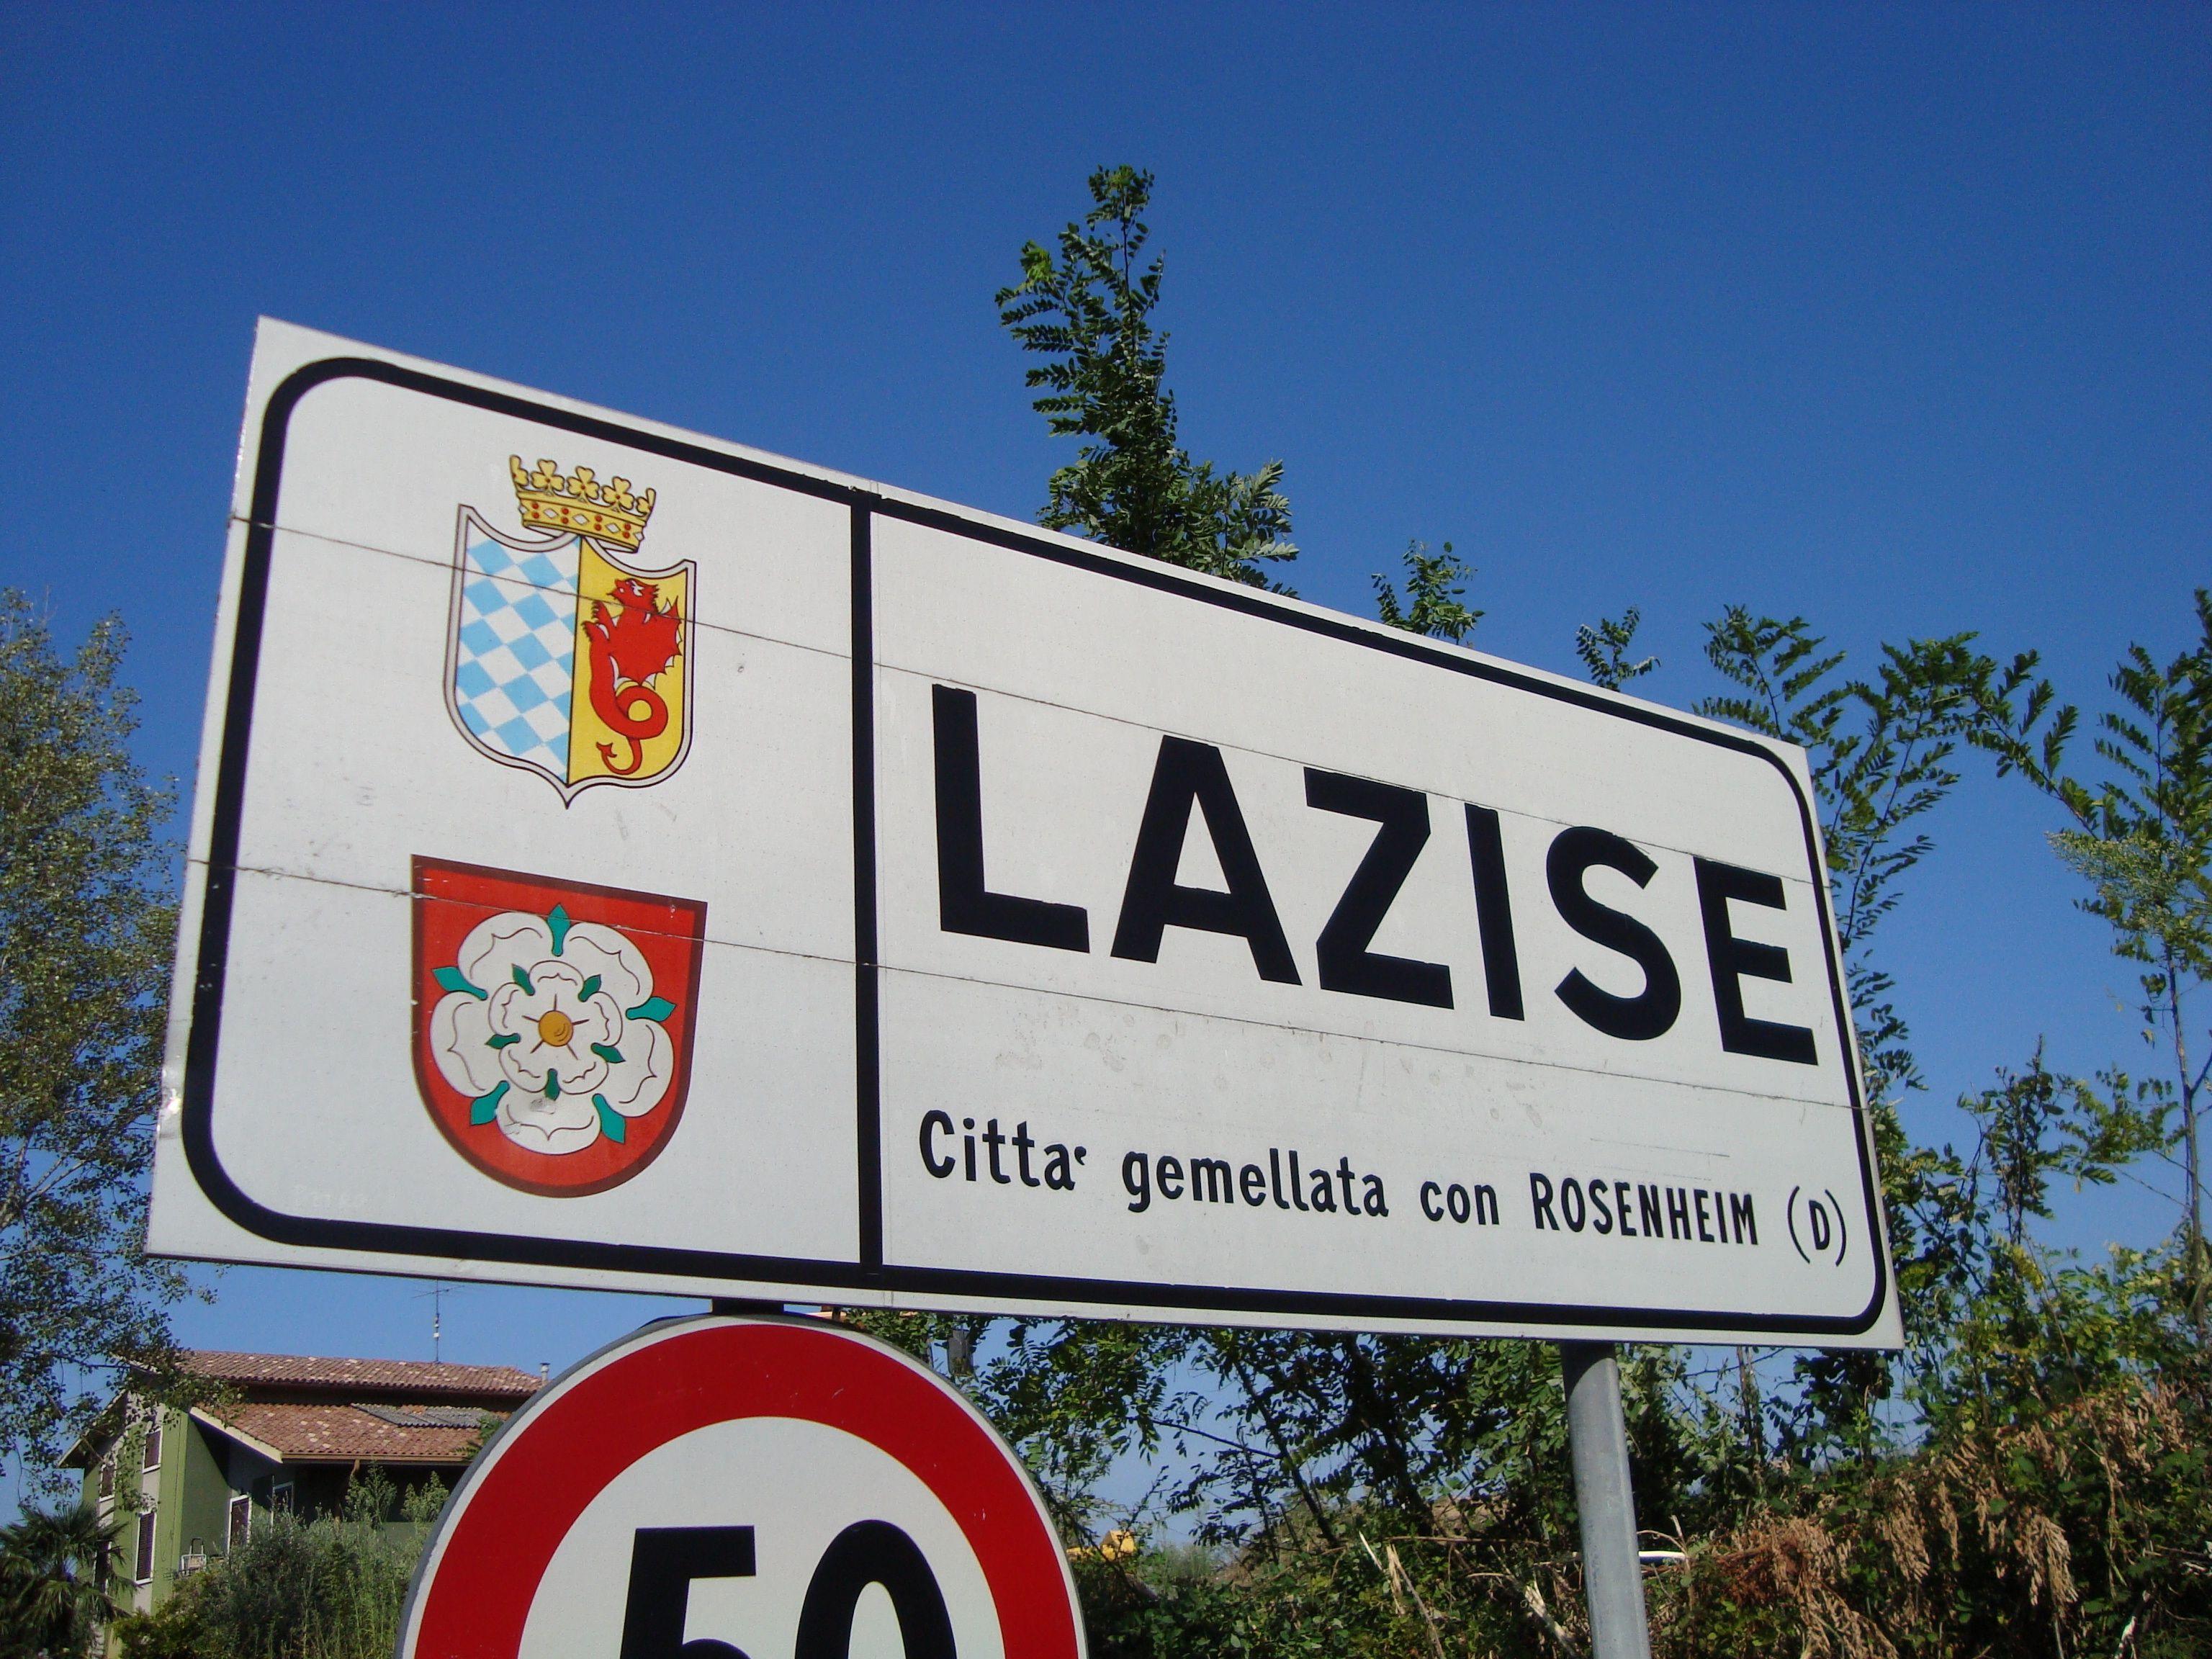 Lazise e le sue frazioni, in passato teatro di apparizioni di draghi e folletti e residenza di streghe e anguane...